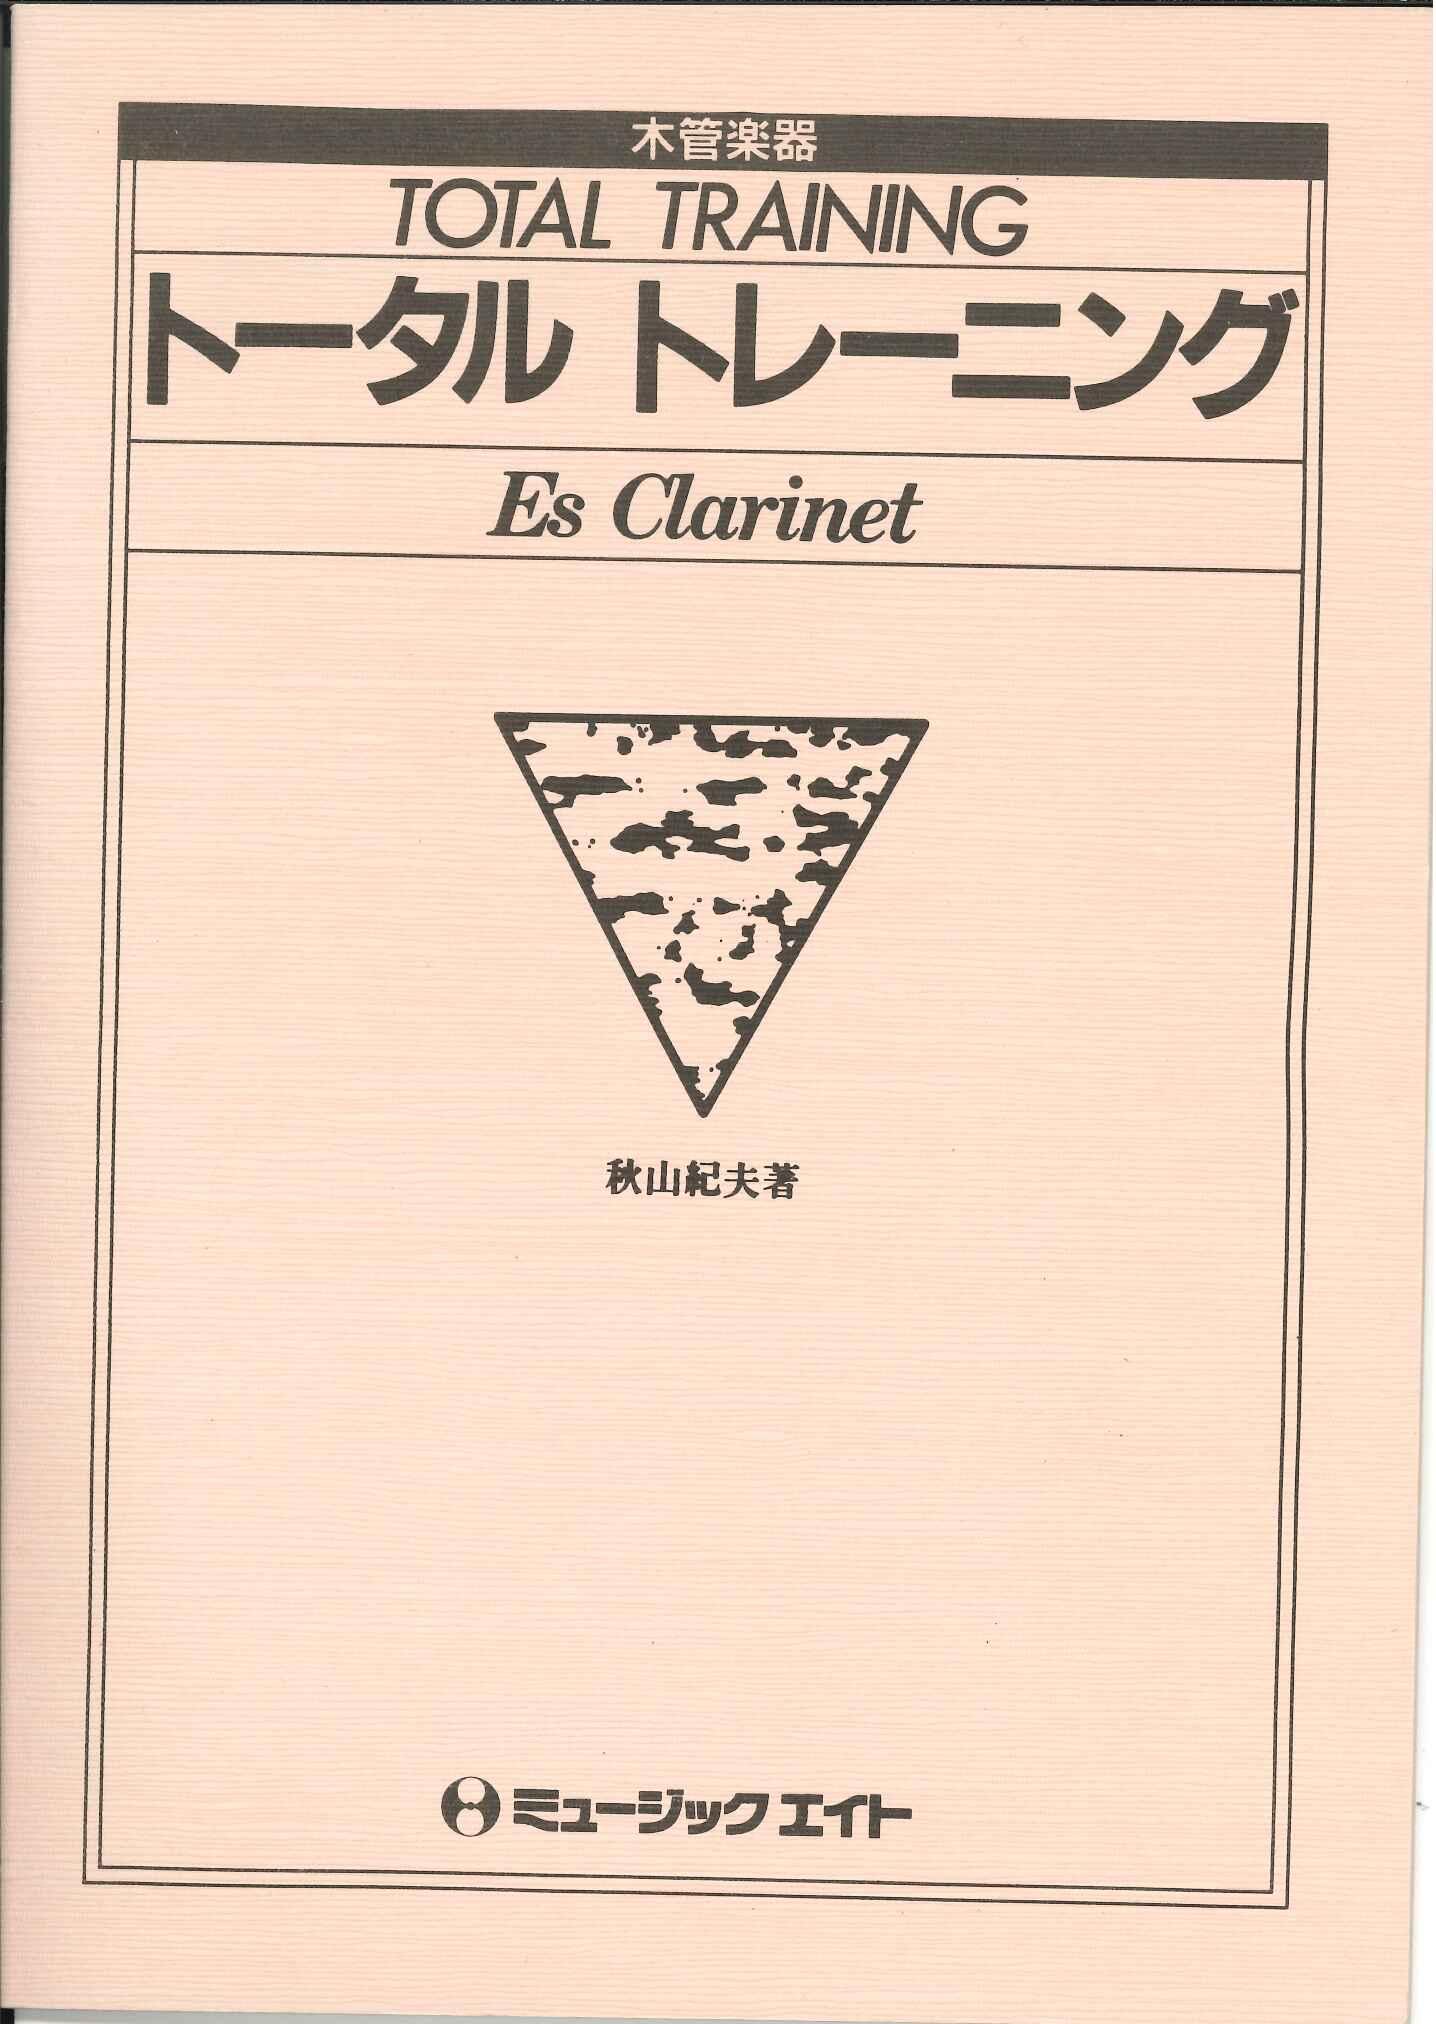 トータルトレーニング E♭(エス)クラリネット用